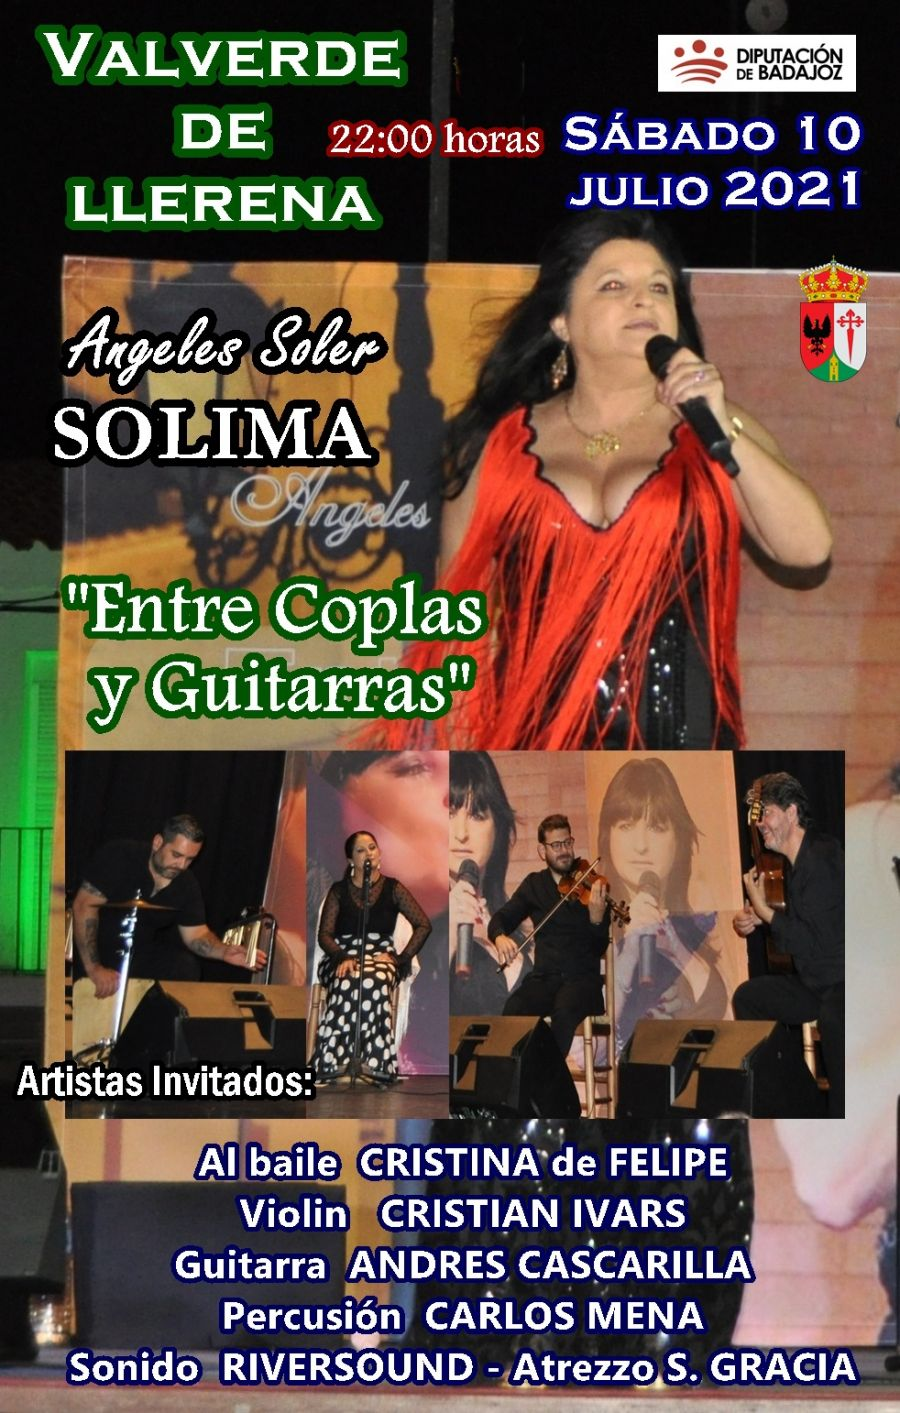 Angeles Soler SOLIMA en VALVERDE de LLERENA